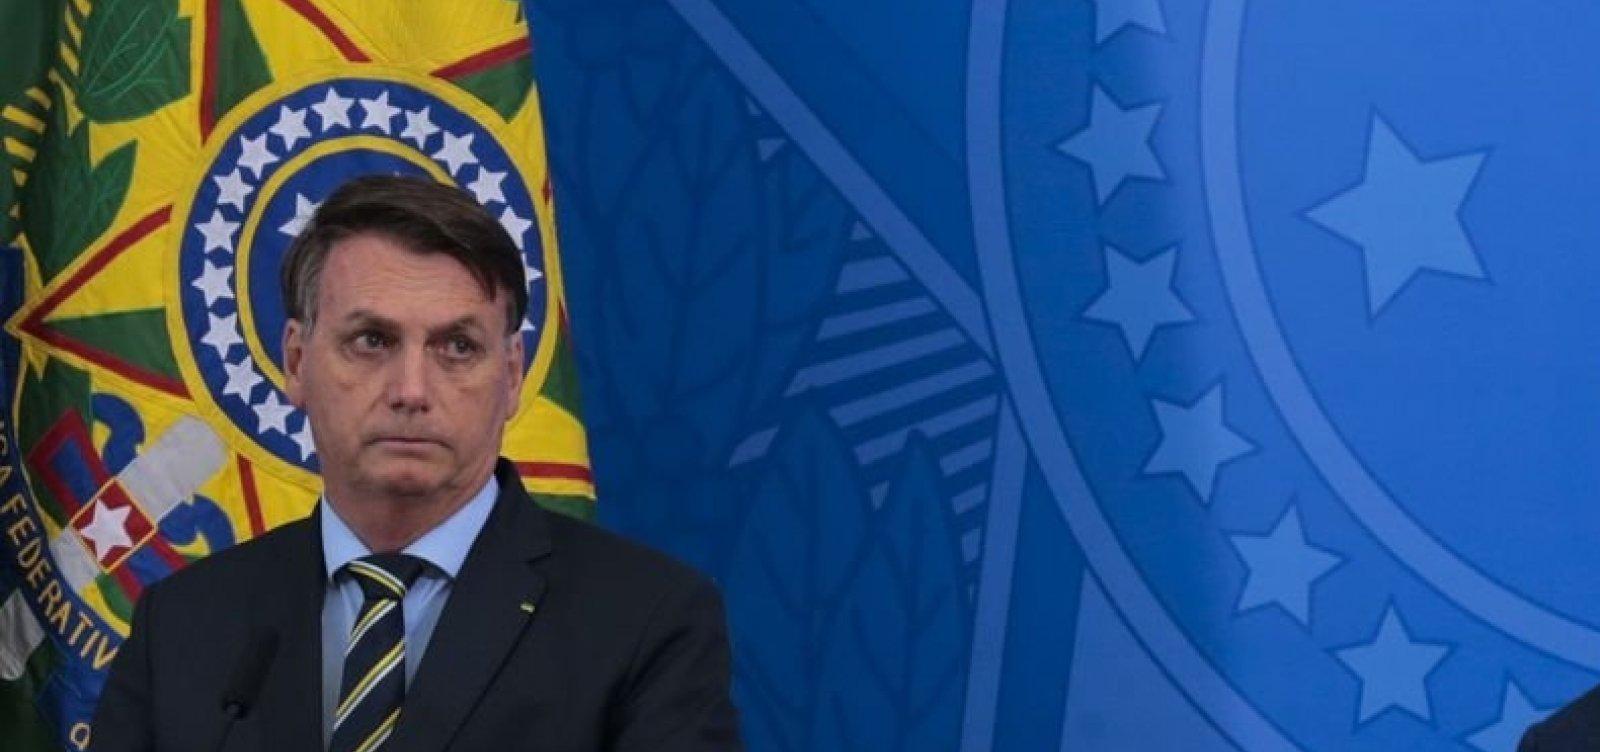 [Em reunião com ministros, Bolsonaro disse que troca na PF seria para proteger família]